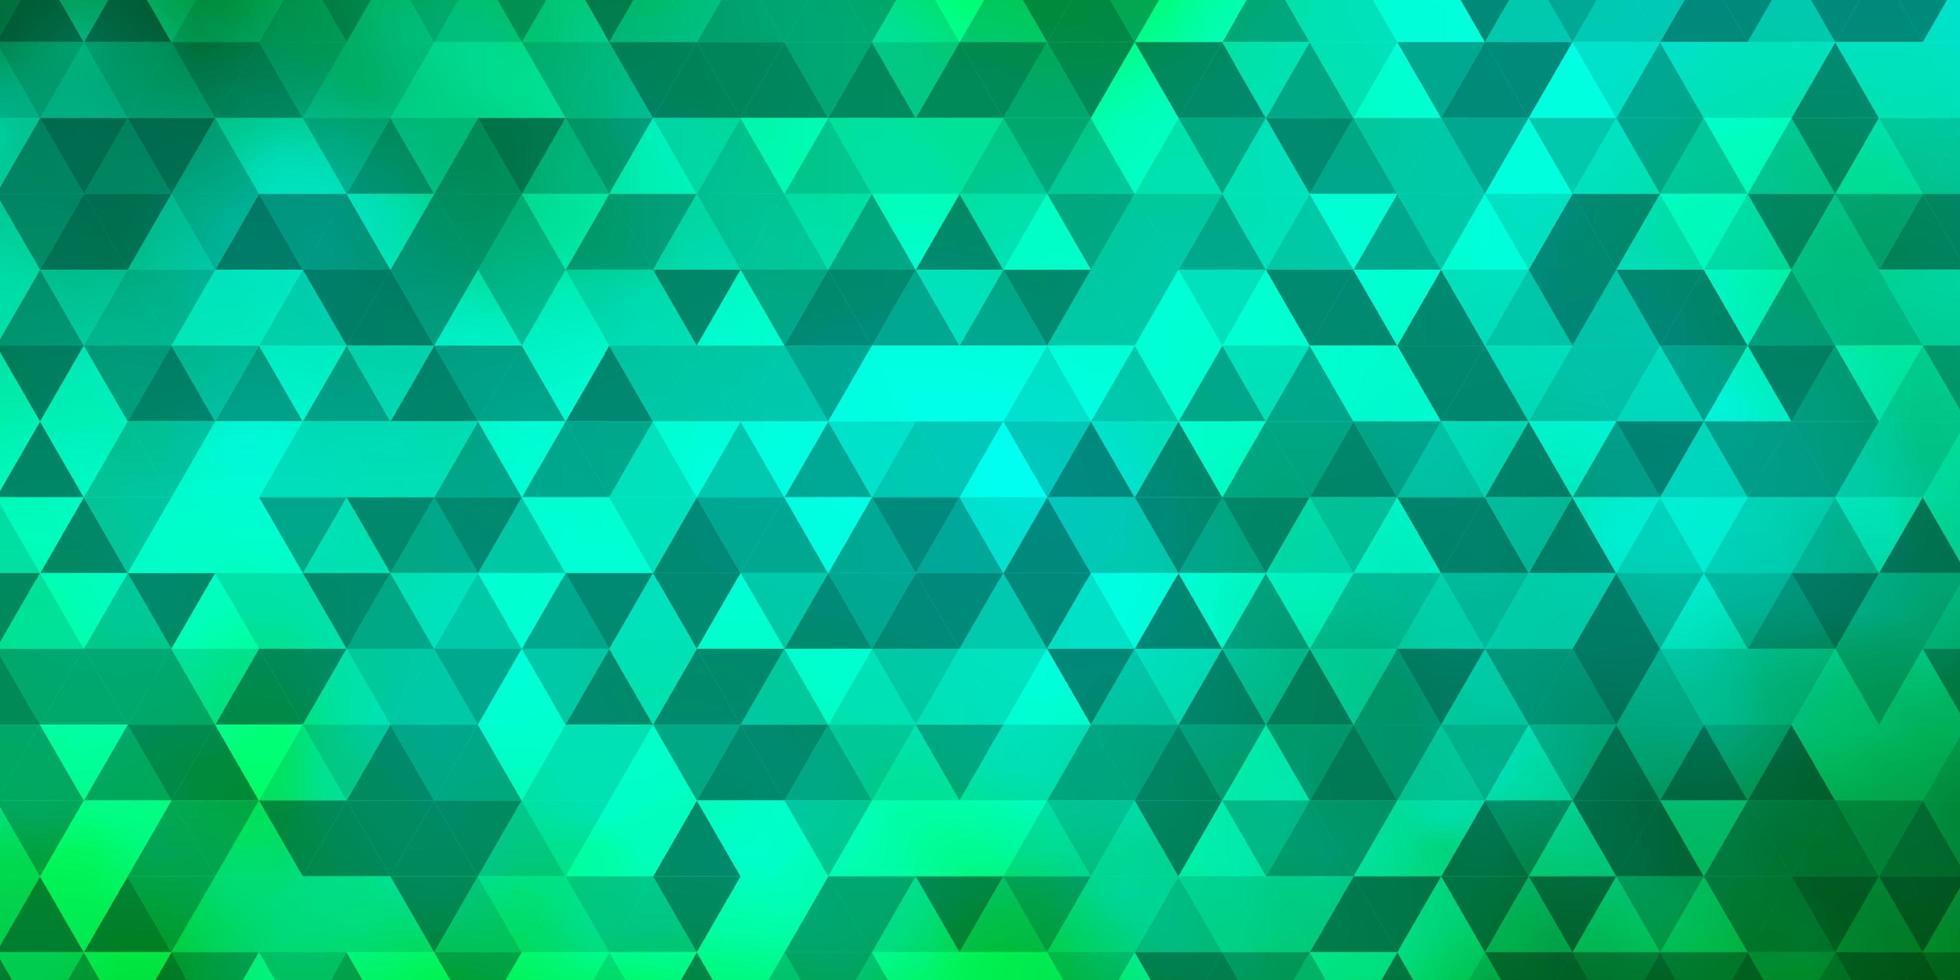 layout verde chiaro con linee, triangoli. vettore